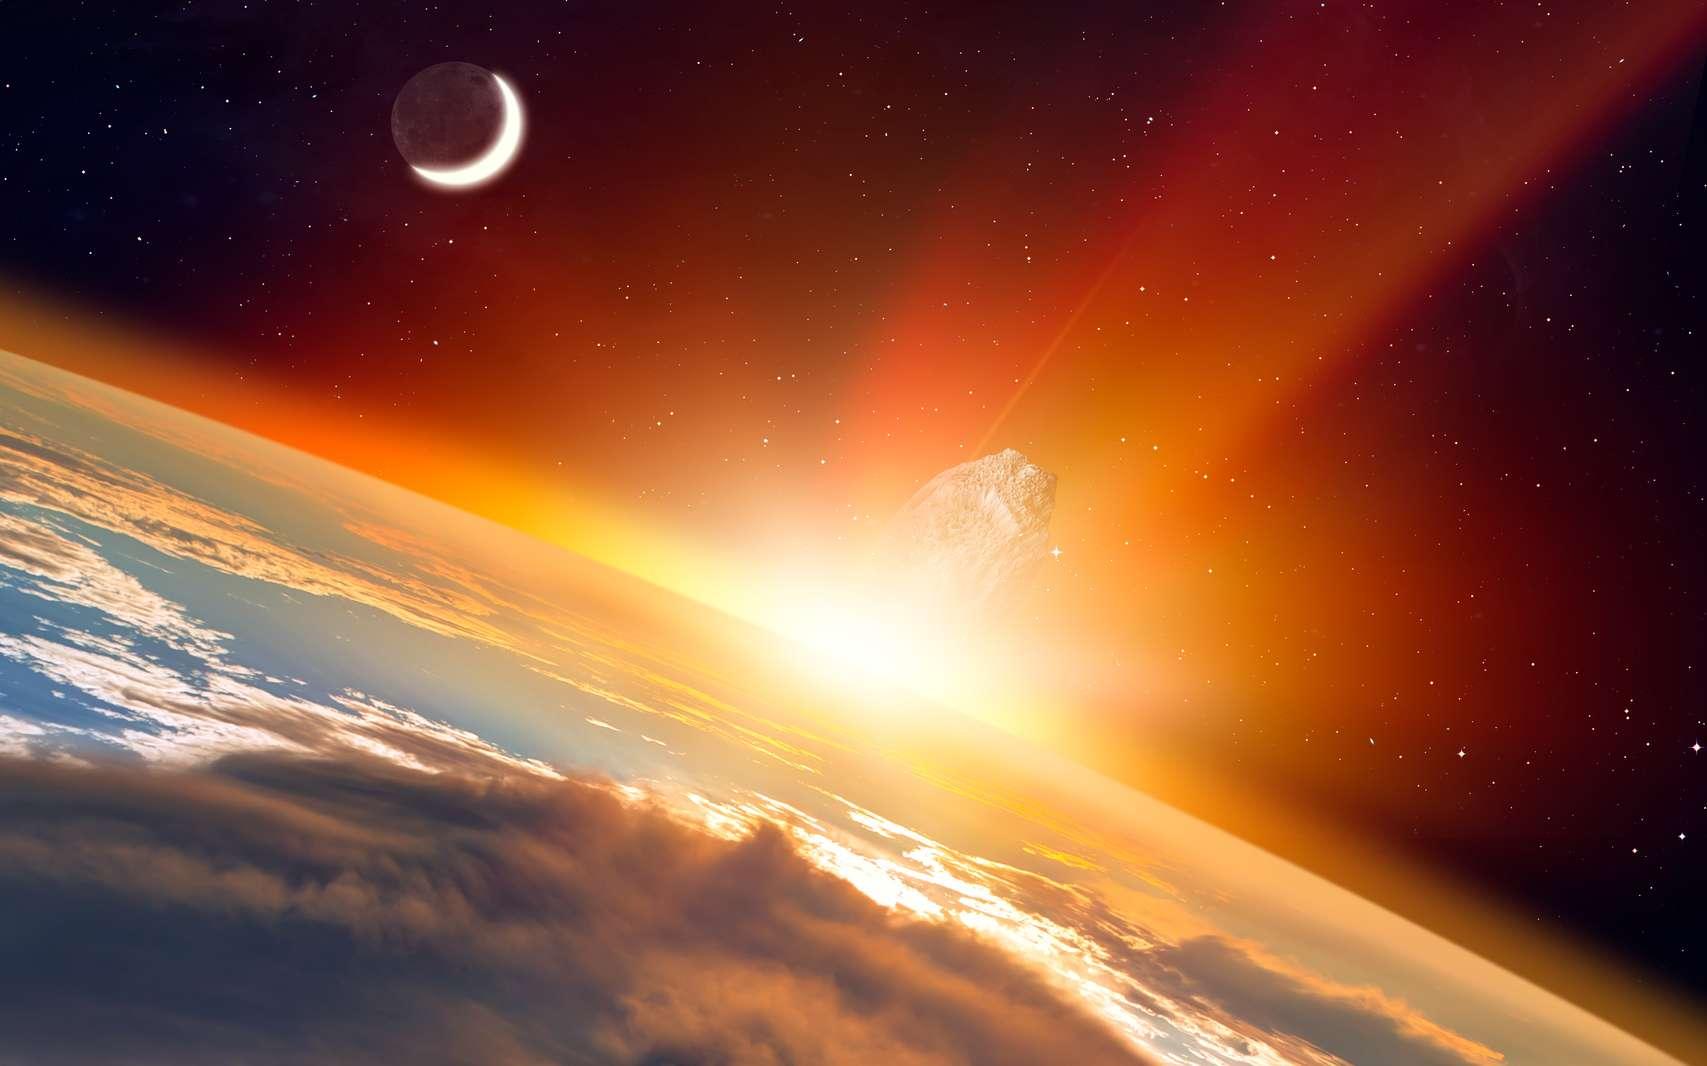 Illustration de l'impact d'un astéroïde sur la surface de la Terre. © muratart, fotolia